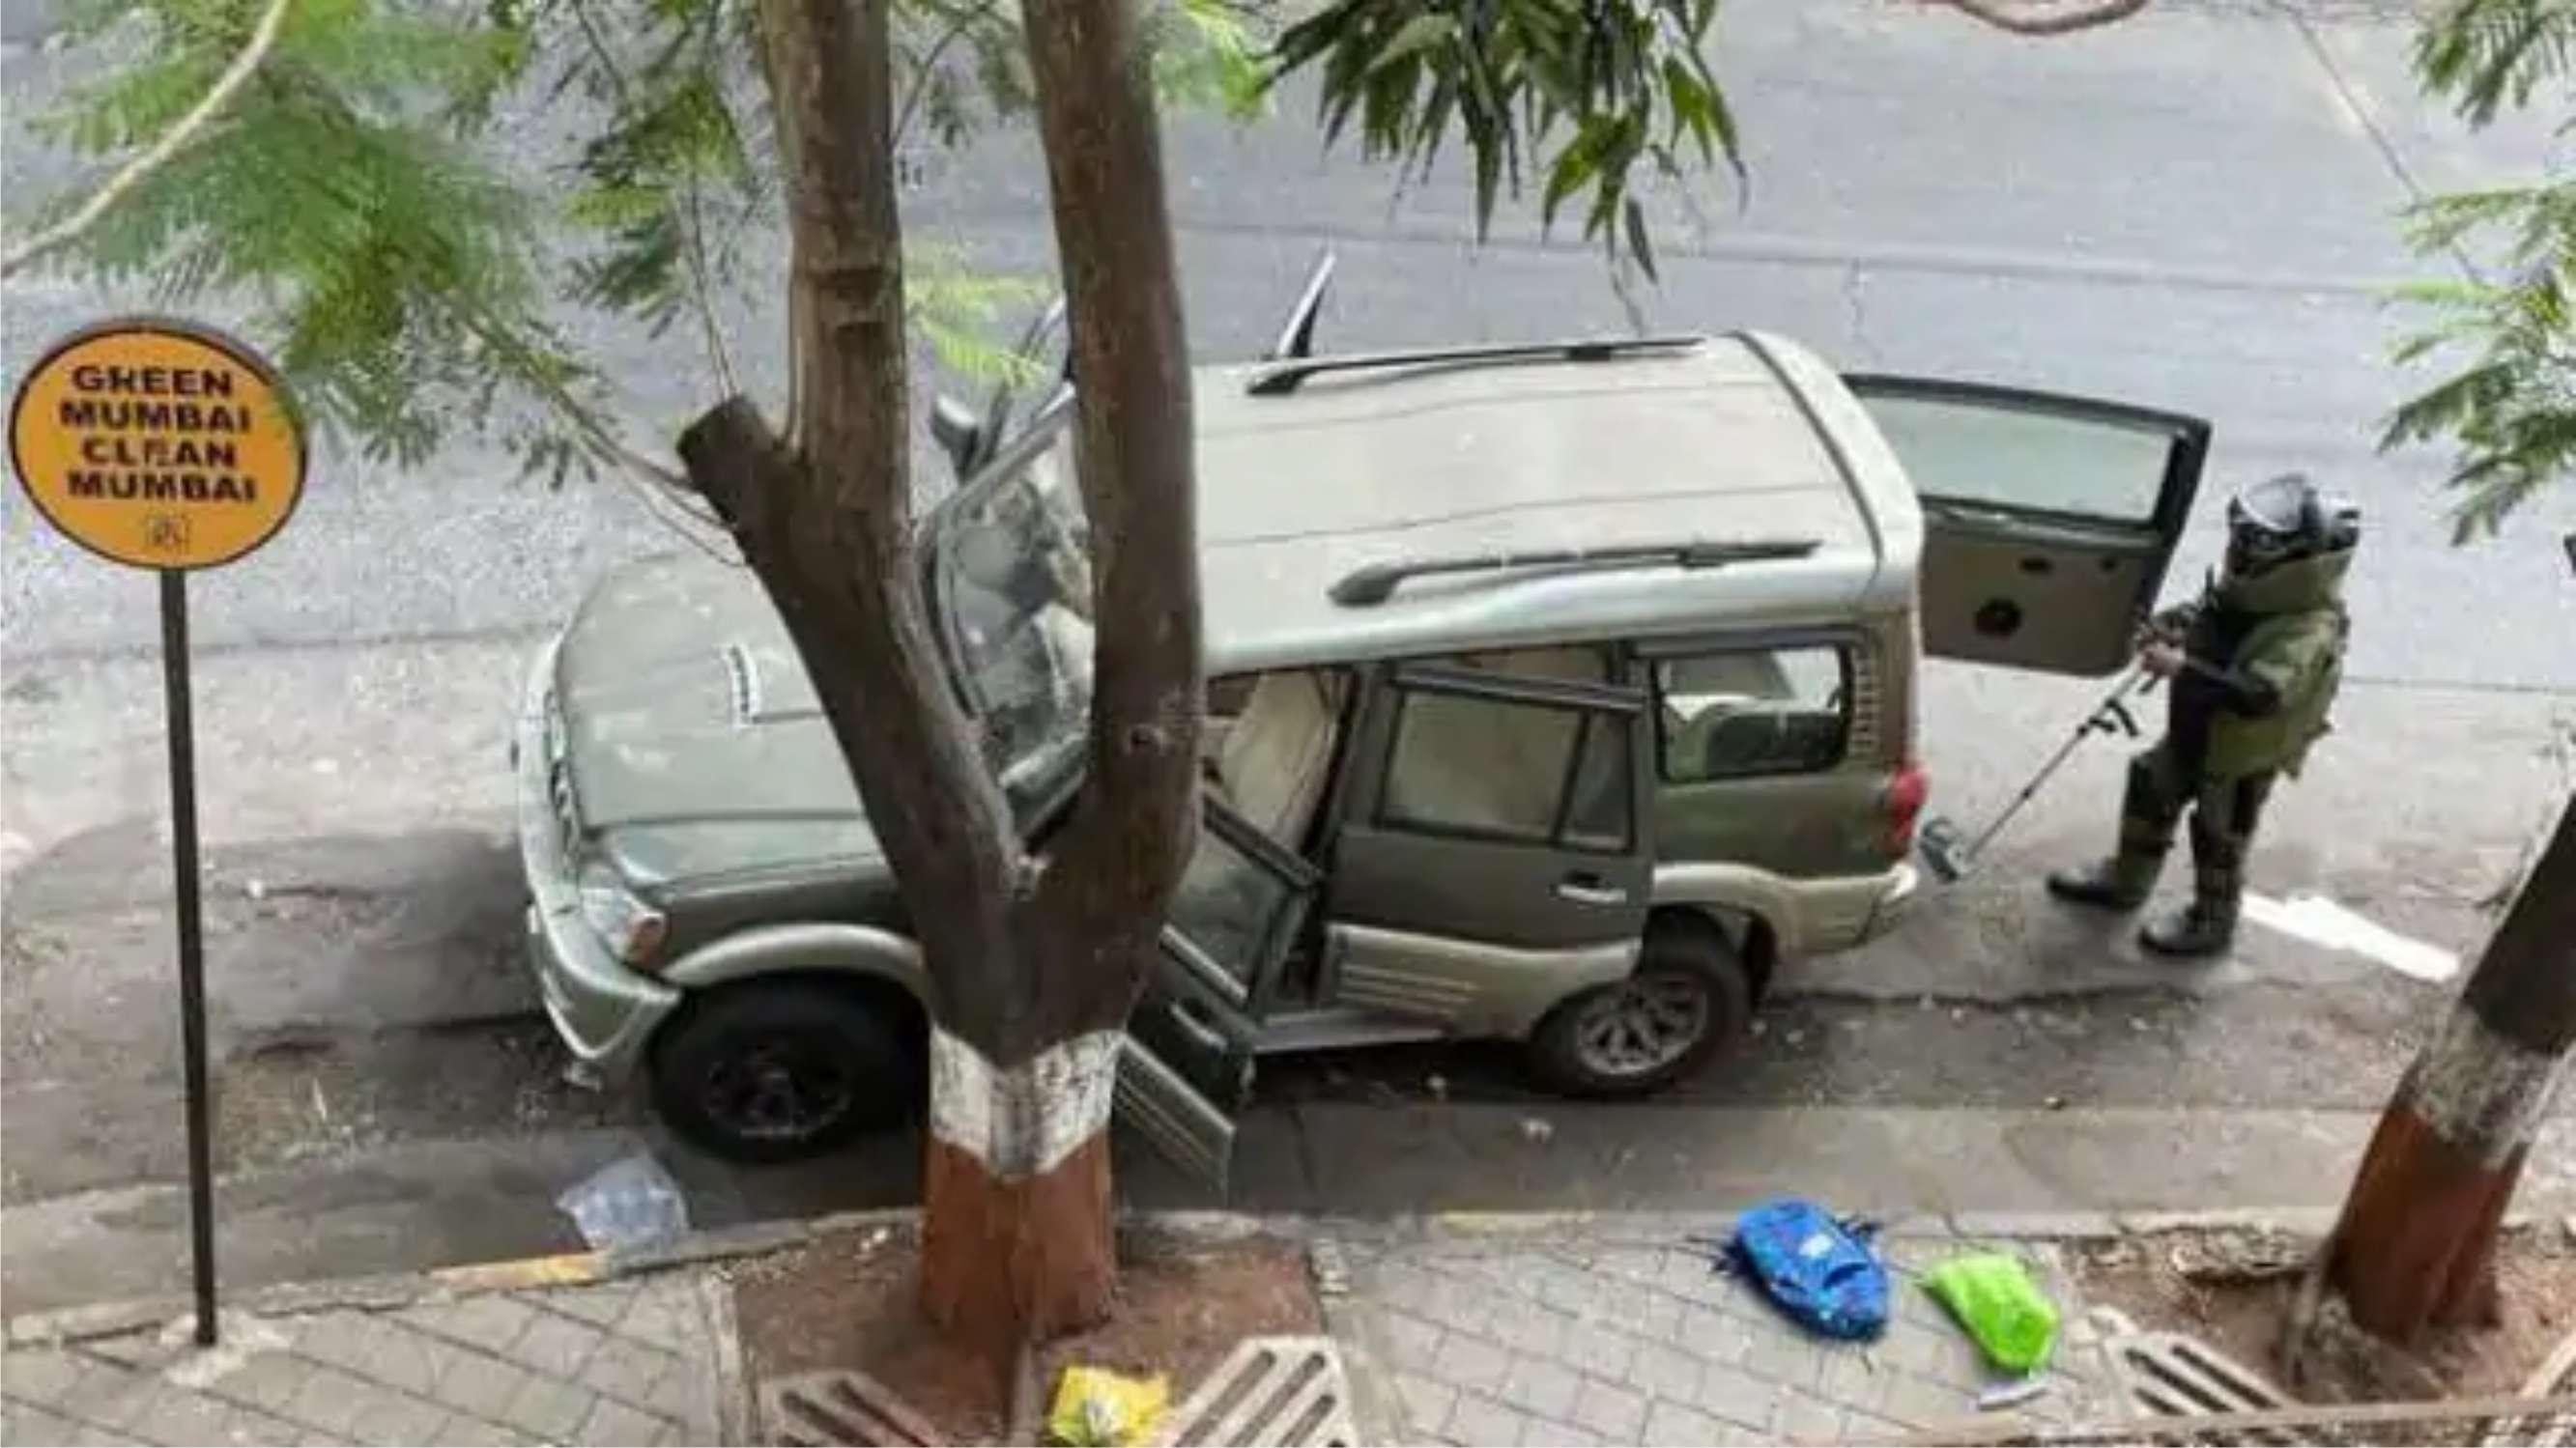 मुकेश अंबानी के घर के बाहर मिली संदिग्ध कार के मालिक की मौत, फडणवीस के जांच अधिकारी पर सनसनीखेज आरोप से बढ़ा सस्पेंस